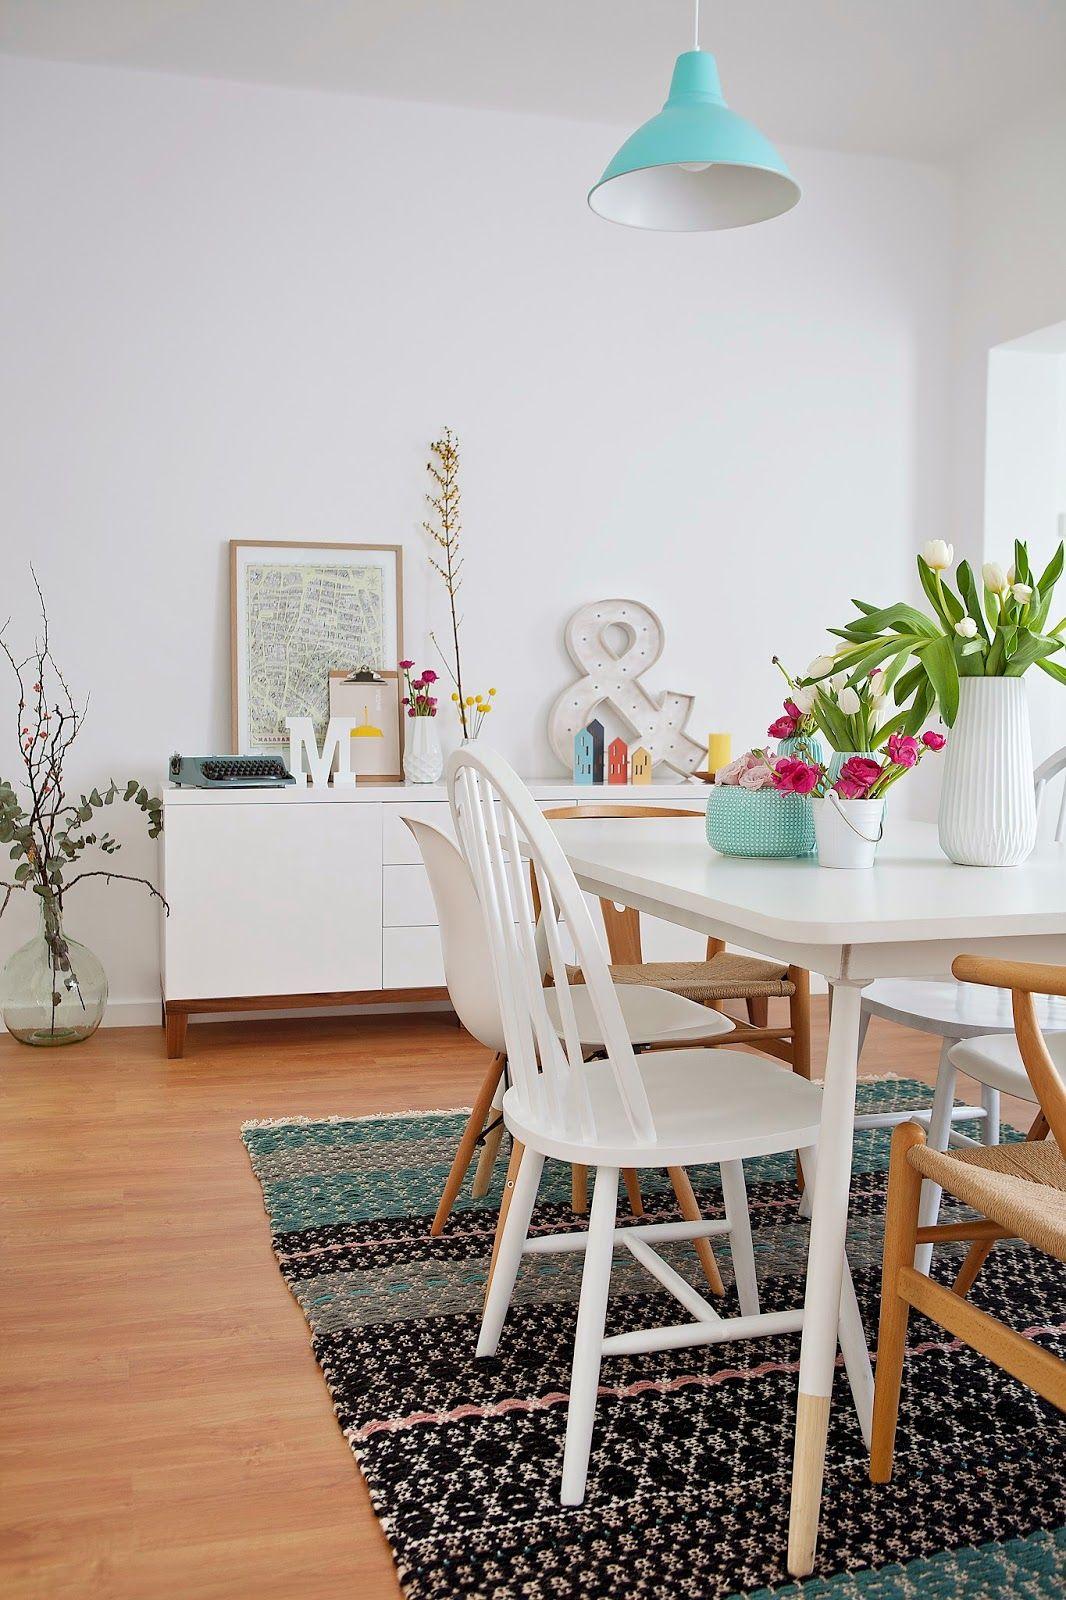 Decoraci n de interiores sal n dormitorio varela hogar for Decoracion interiores salones